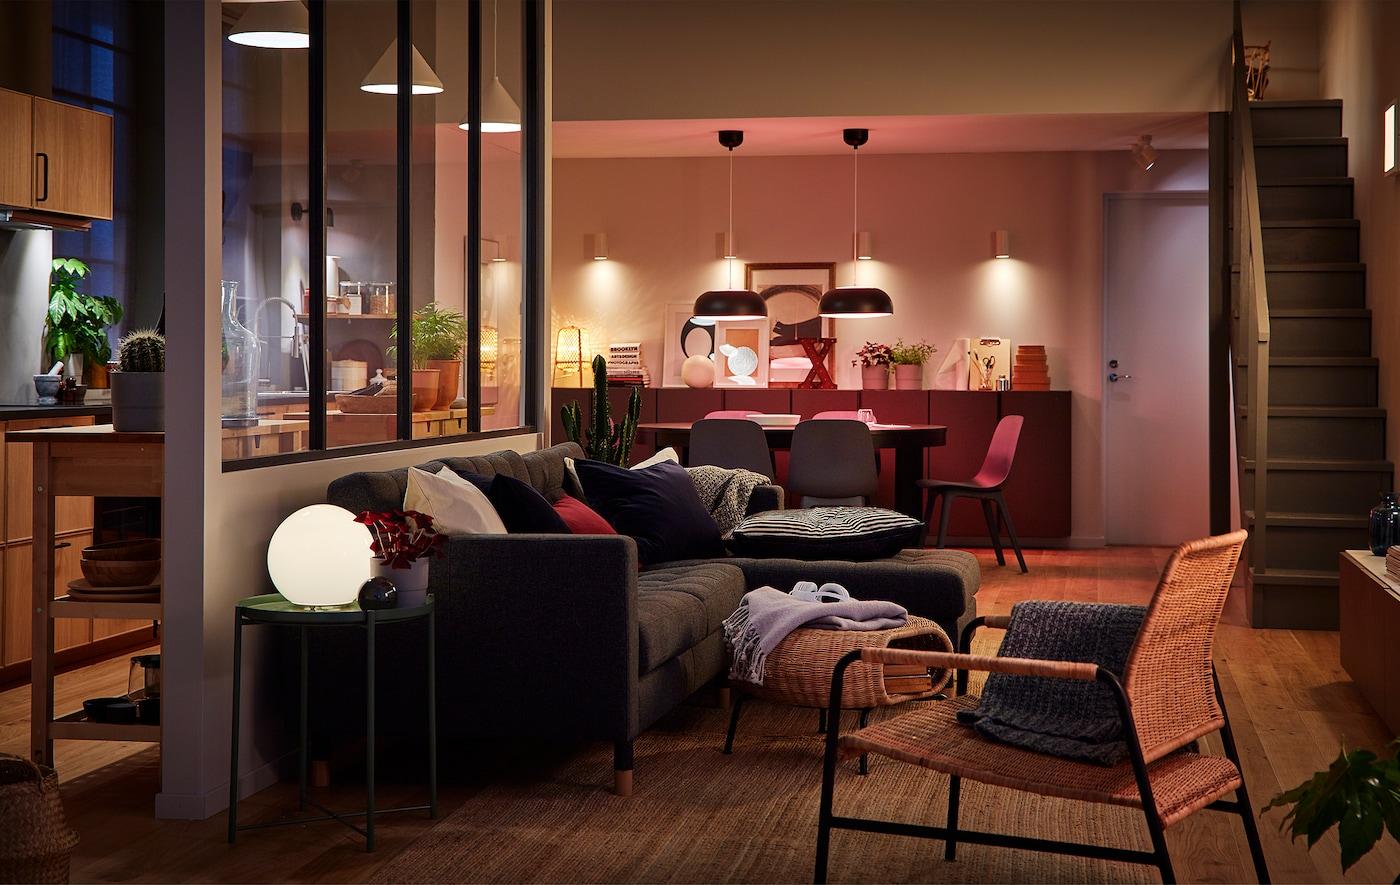 Stort rum med kök, matplats och vardagsrum i öppen planlösning. Rum belyst med flera olika ljuskällor.